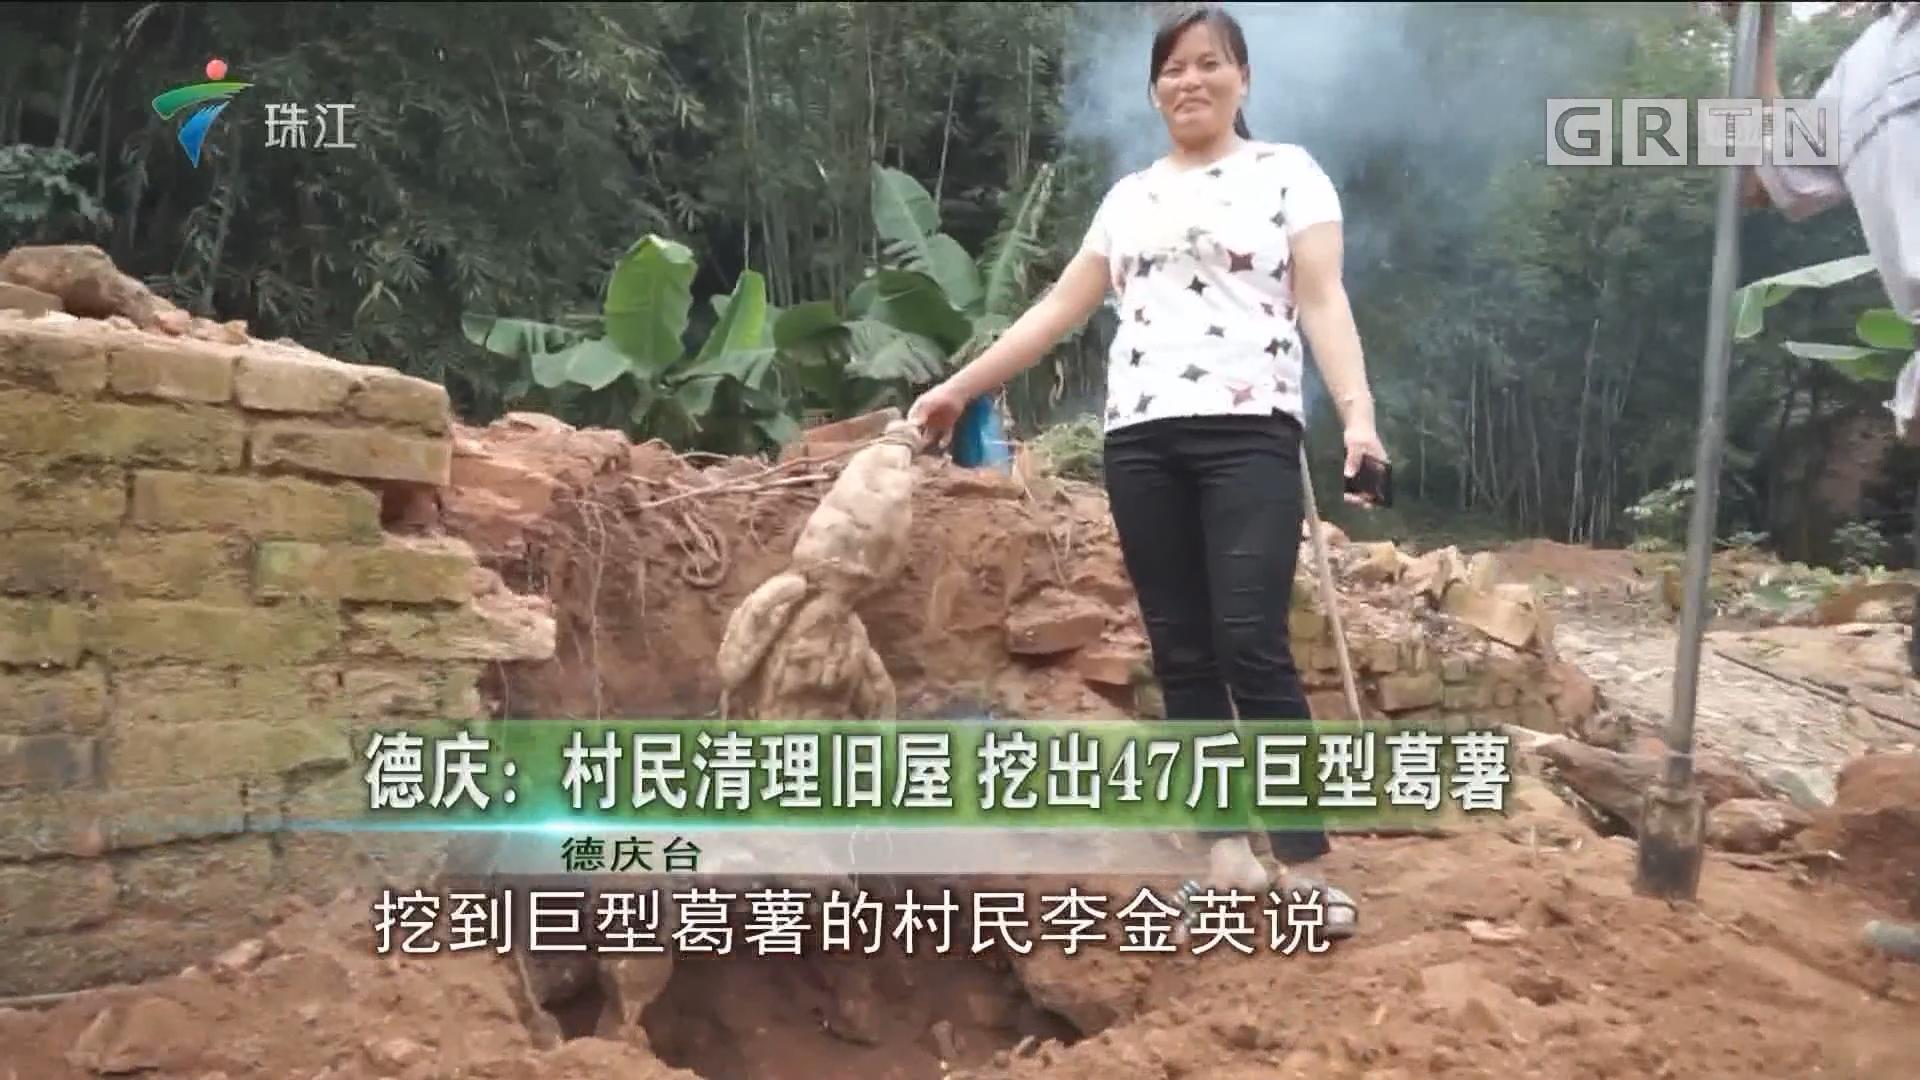 德庆:村民清理旧屋 挖出17斤巨型葛薯